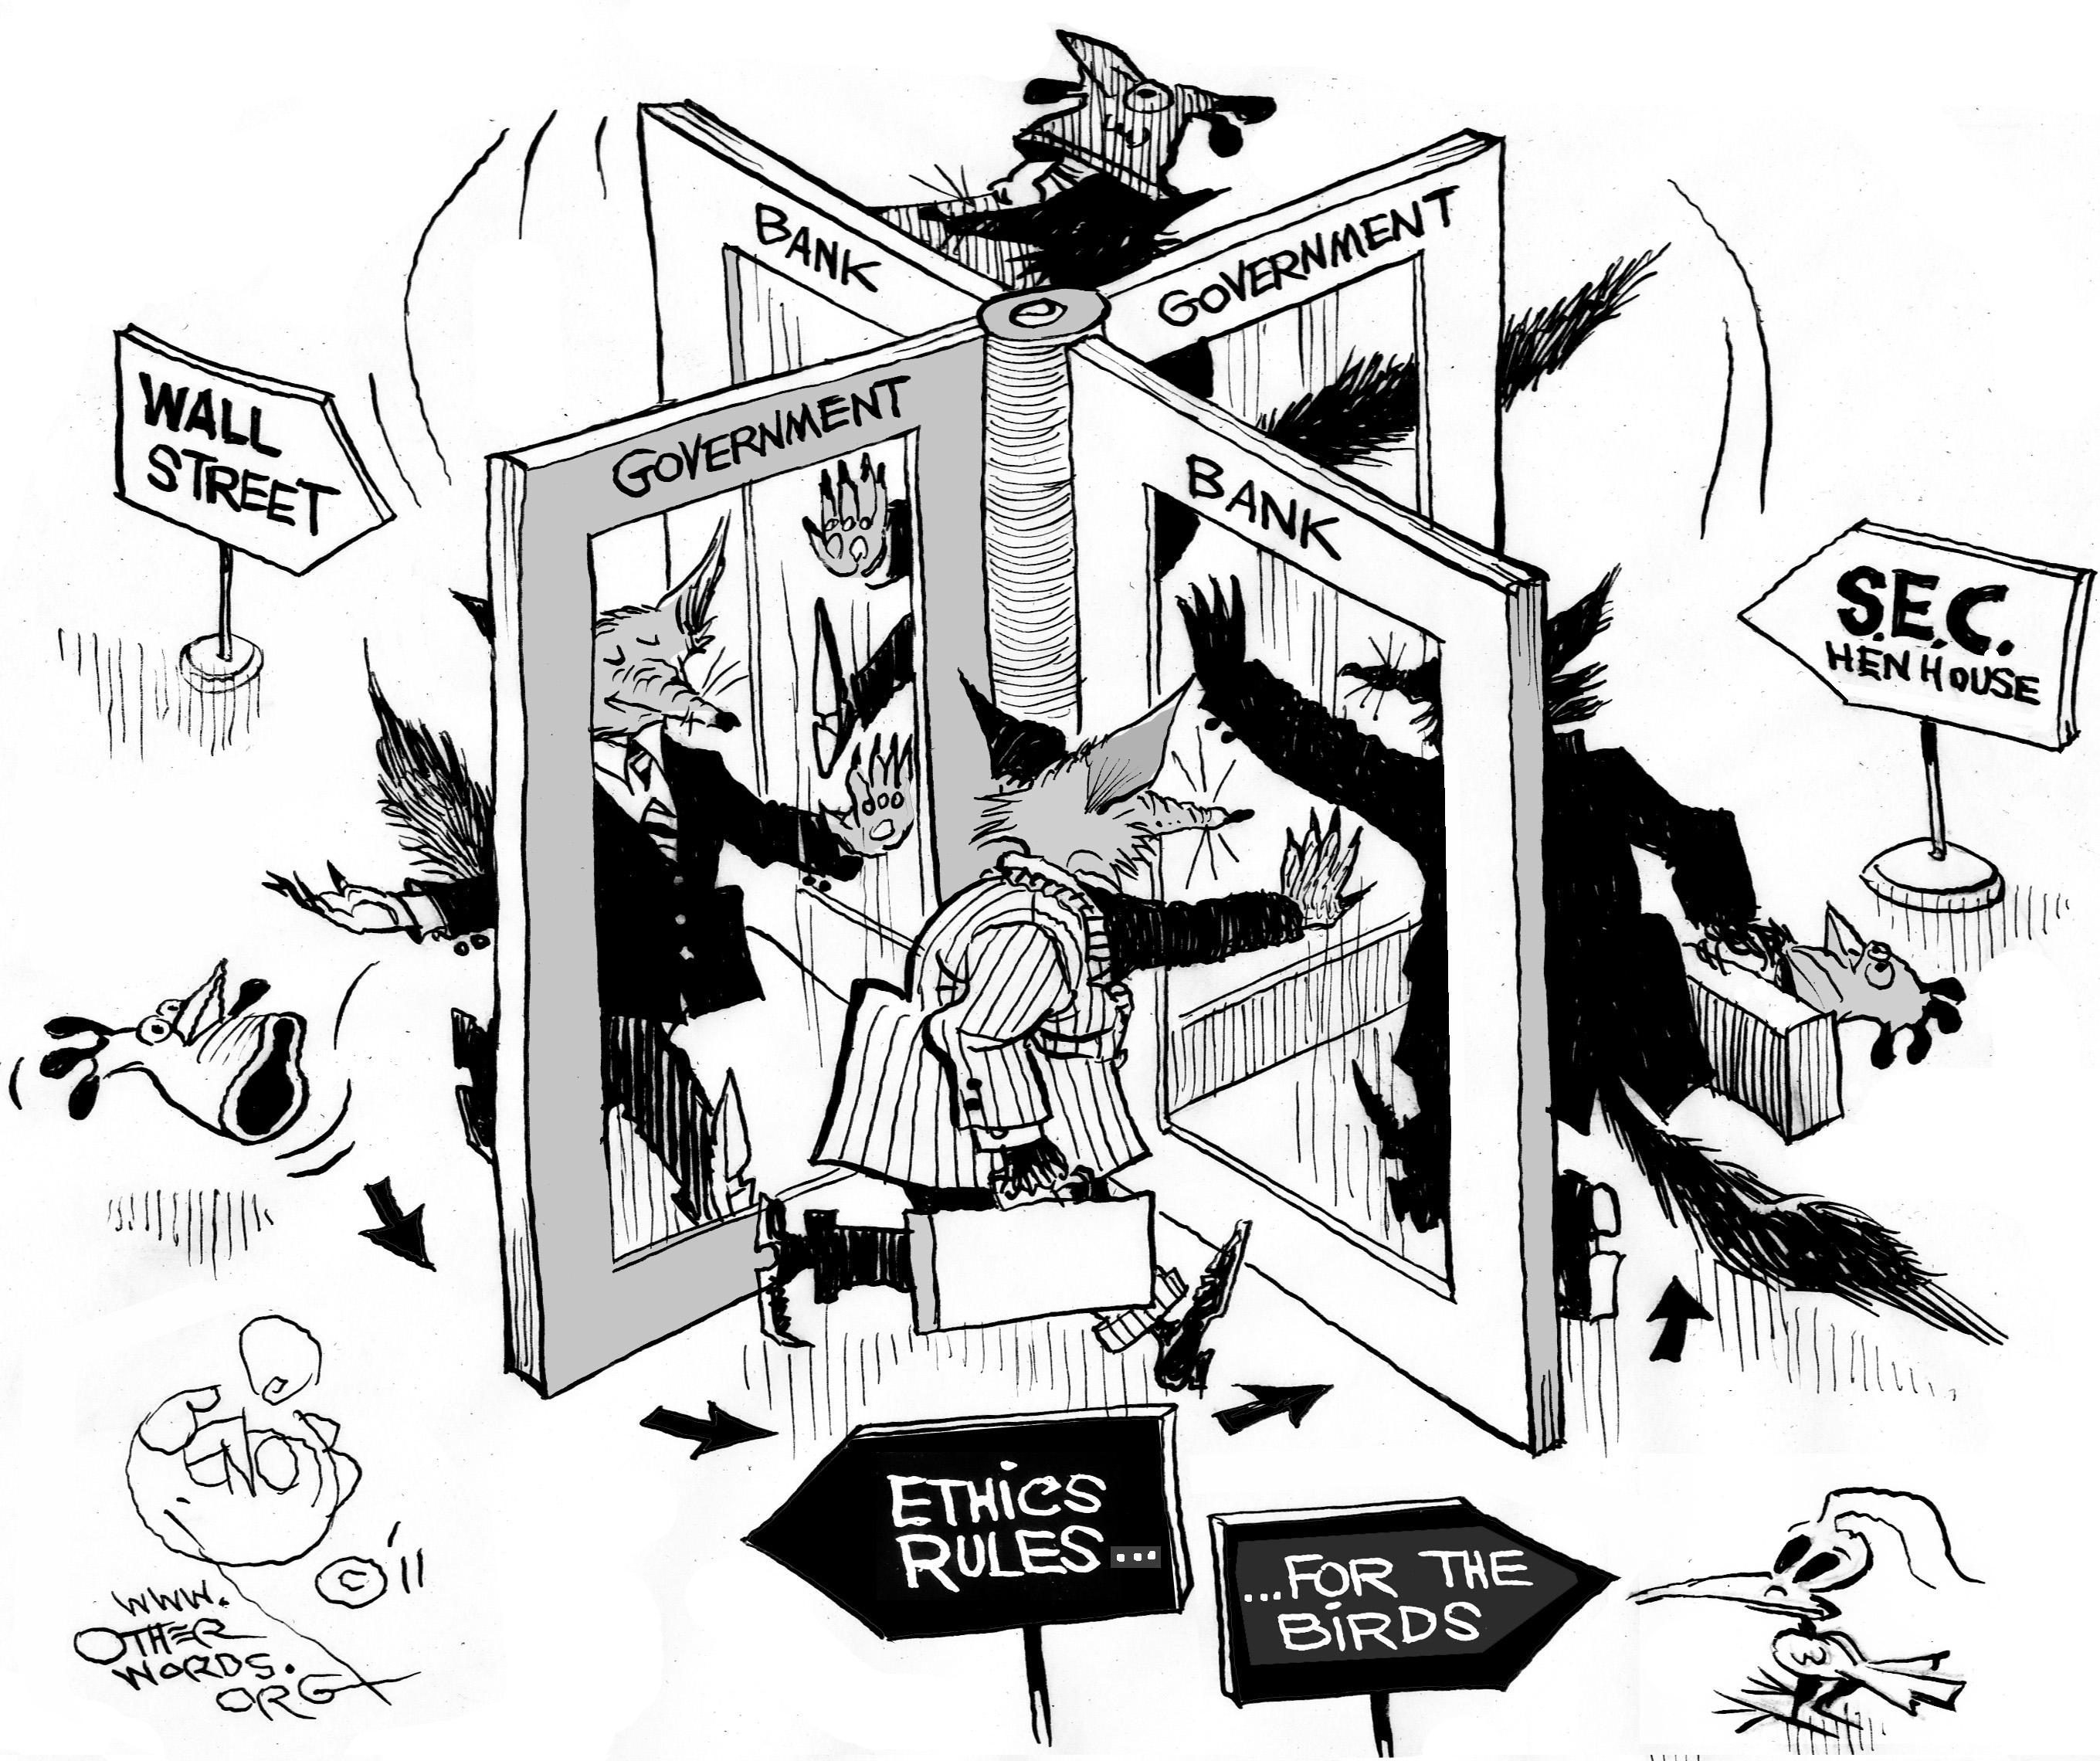 Collusion entre les hauts fonctionnaires et les banques